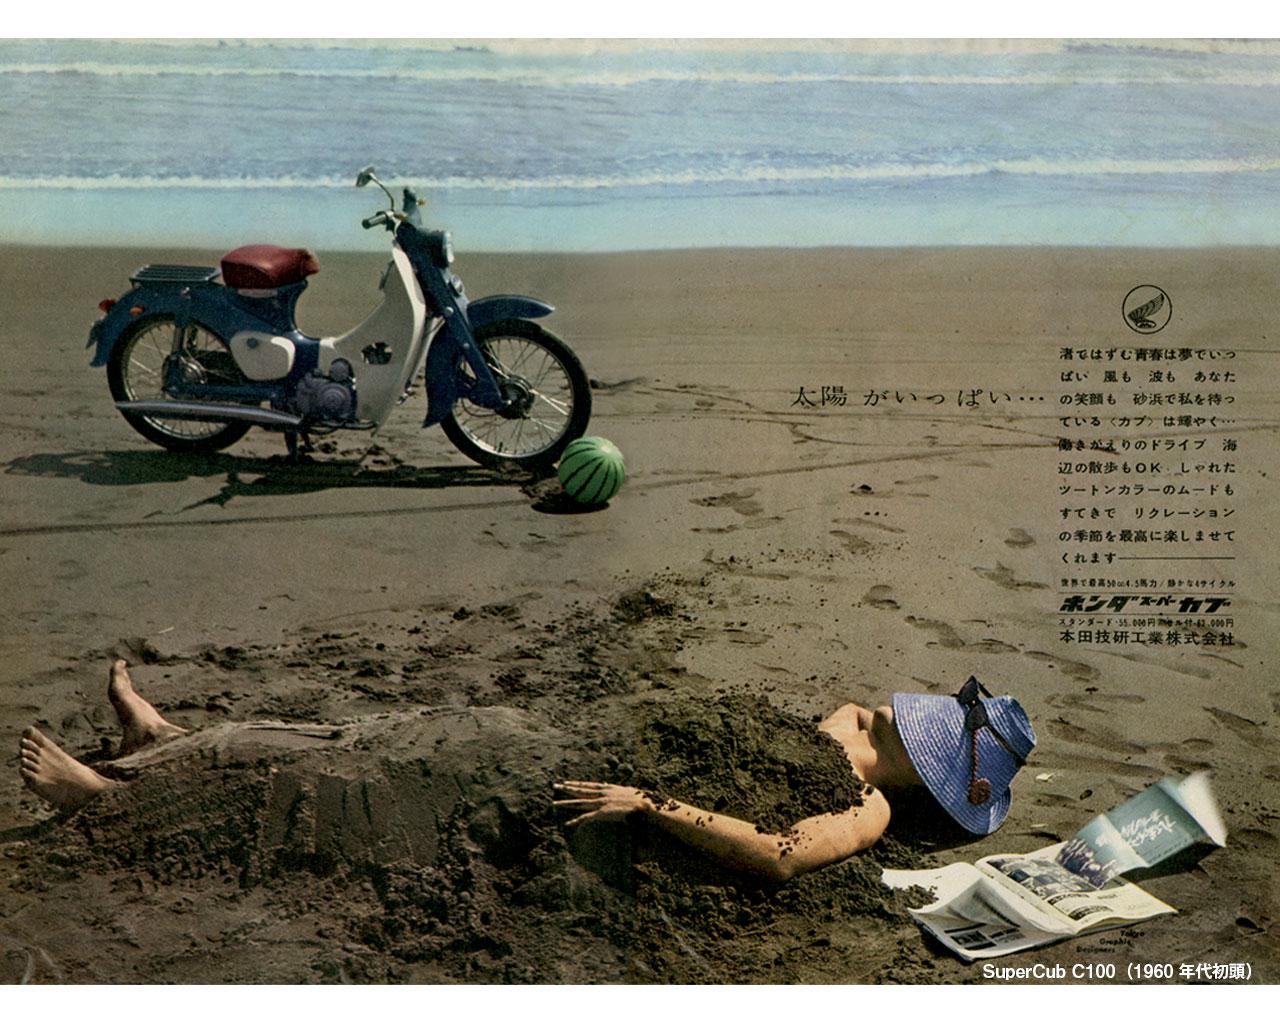 Honda Supercub Vintage - Publicités vintage Honda Cub - mini4temps.fr